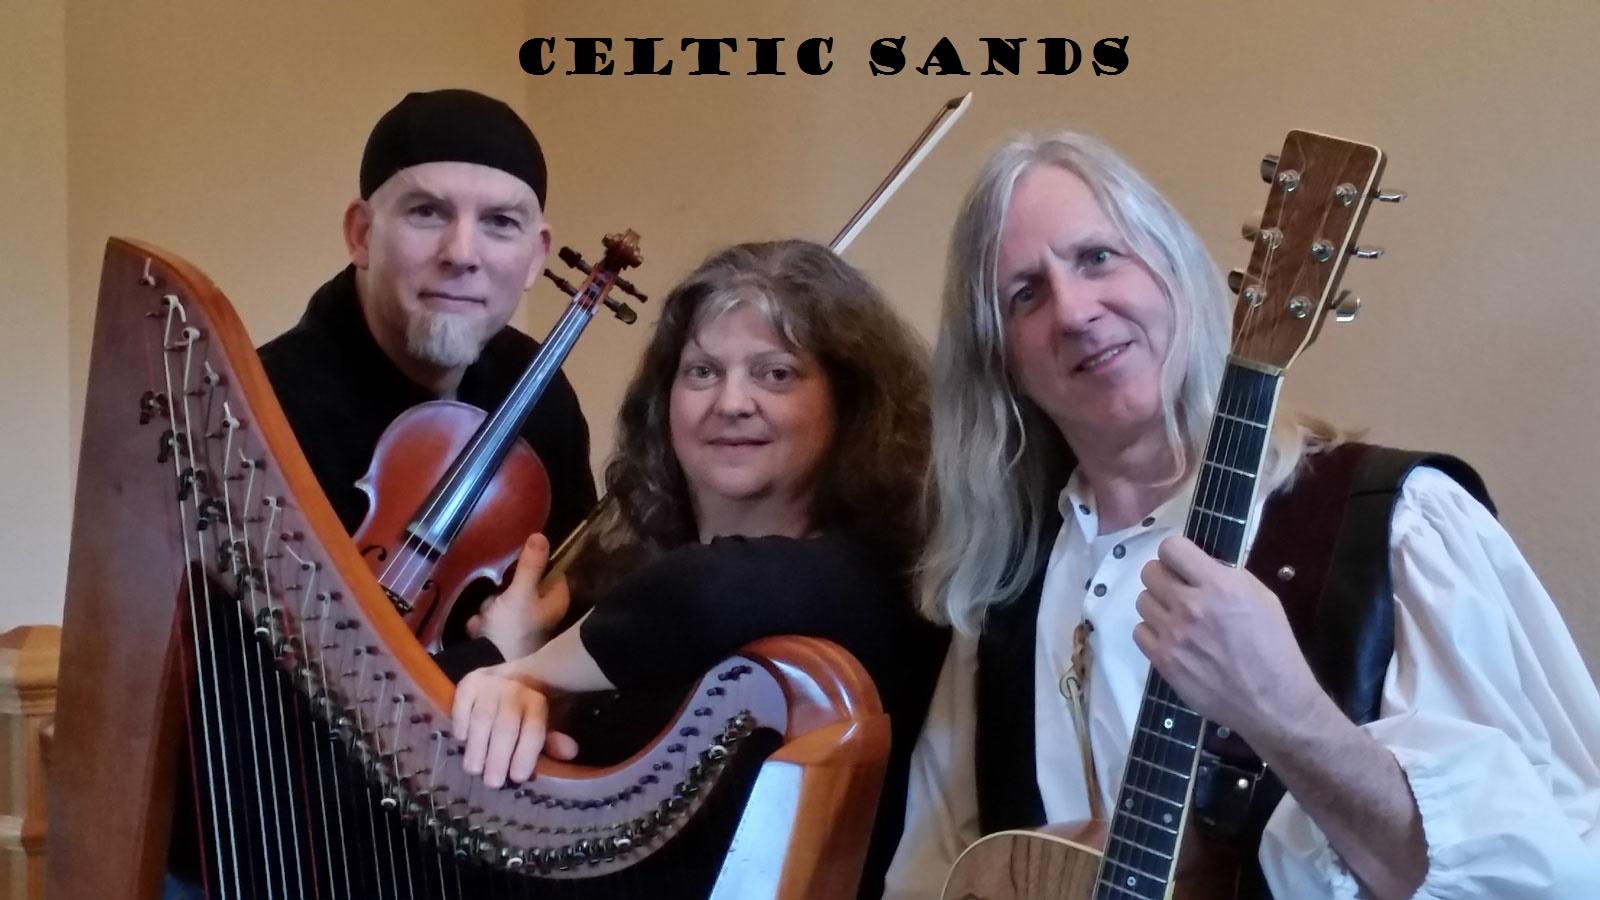 celtic sands2.jpg